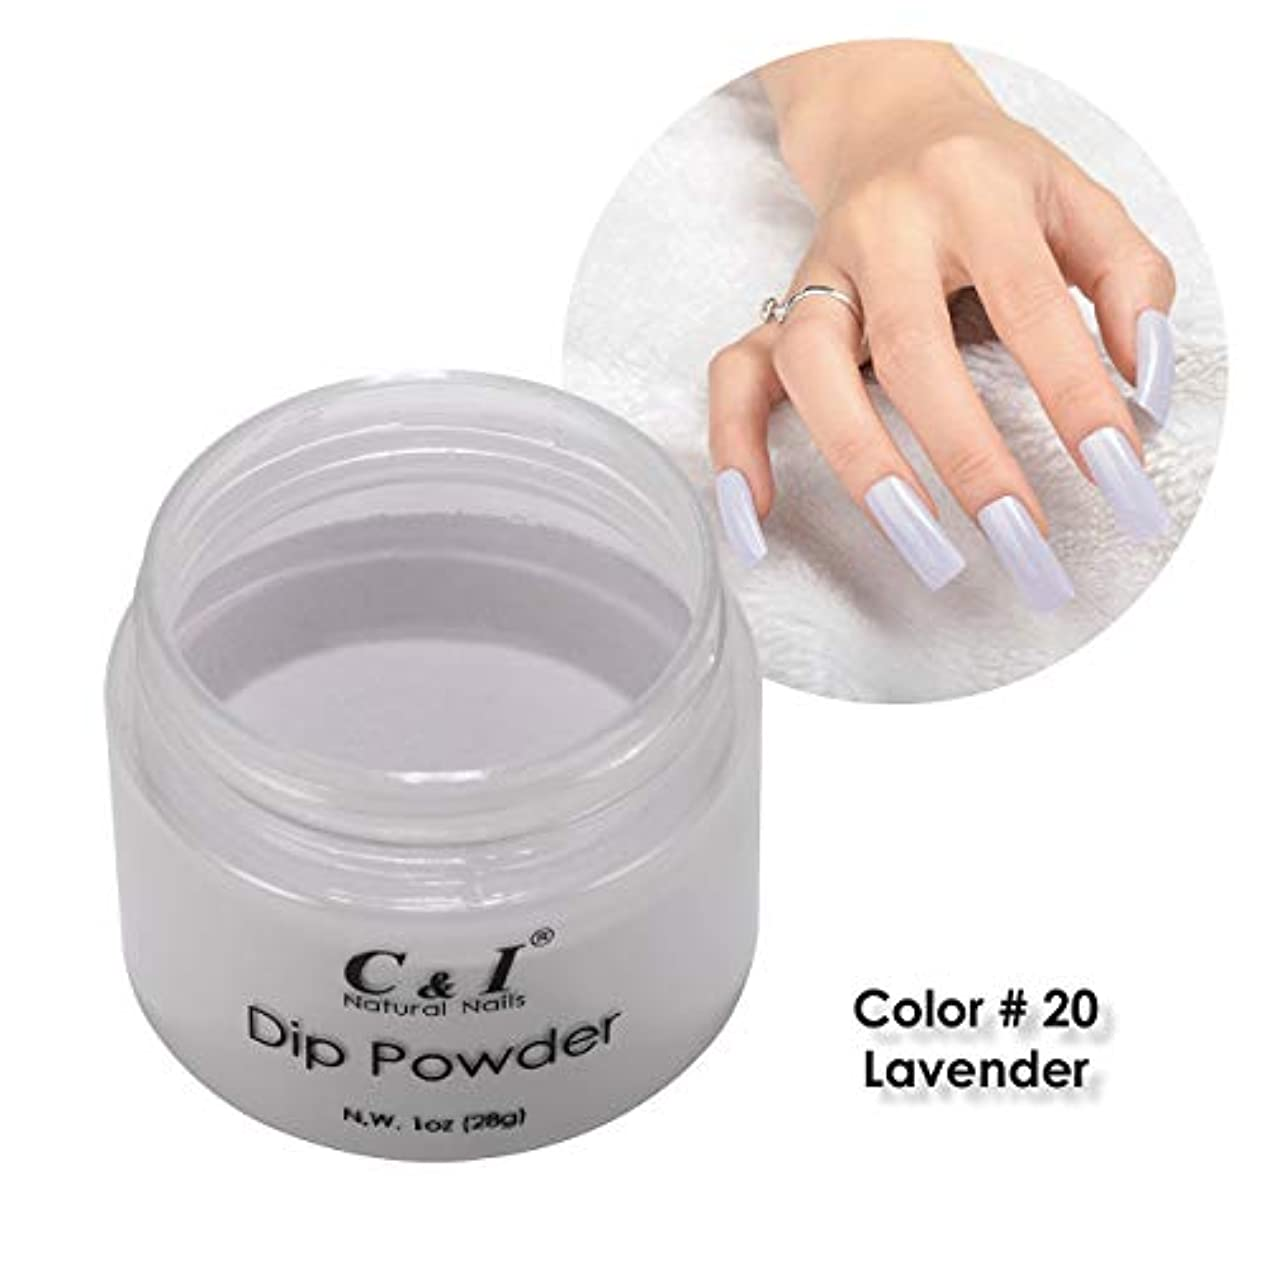 ブルーム医薬品マンハッタンC&I Dip Powder ネイルディップパウダー、ネイルカラーパウダー、カラーNo.20